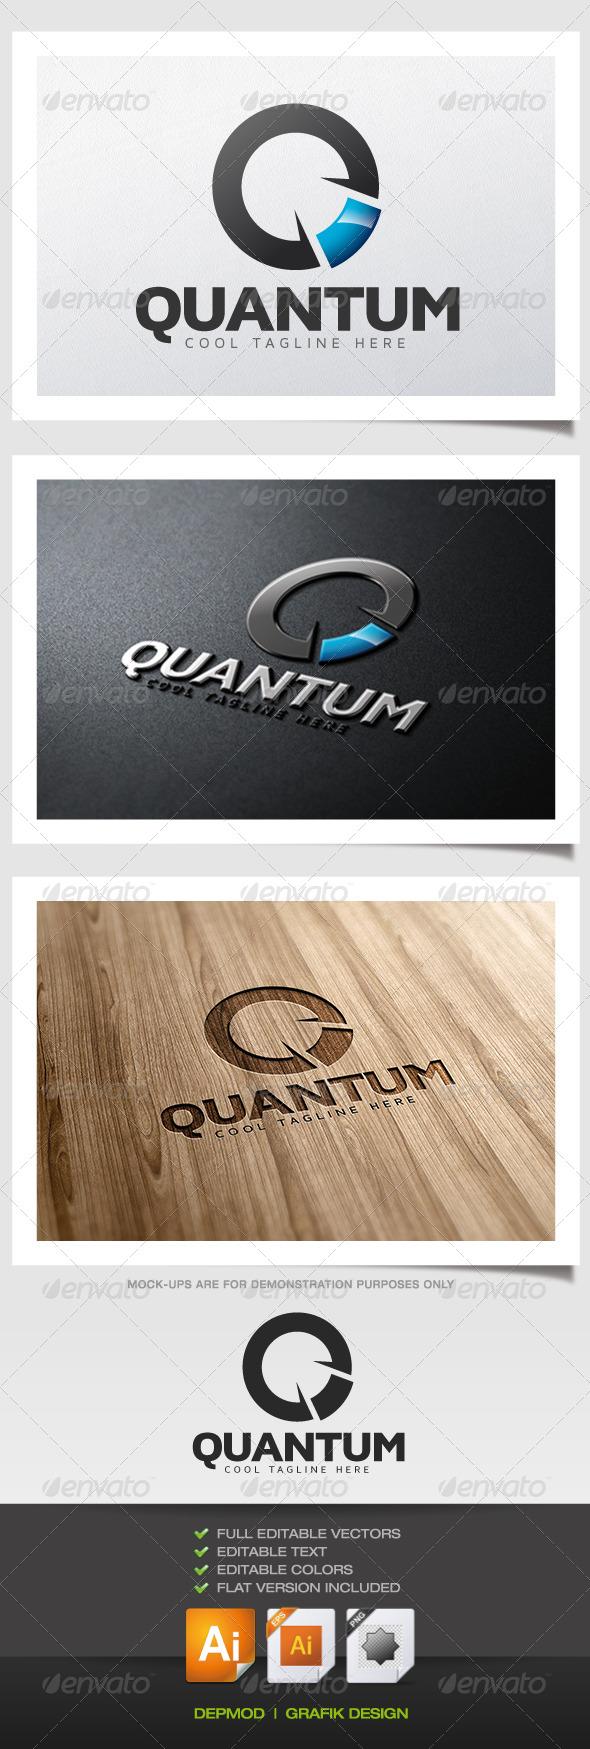 GraphicRiver Quantum Logo 5531858